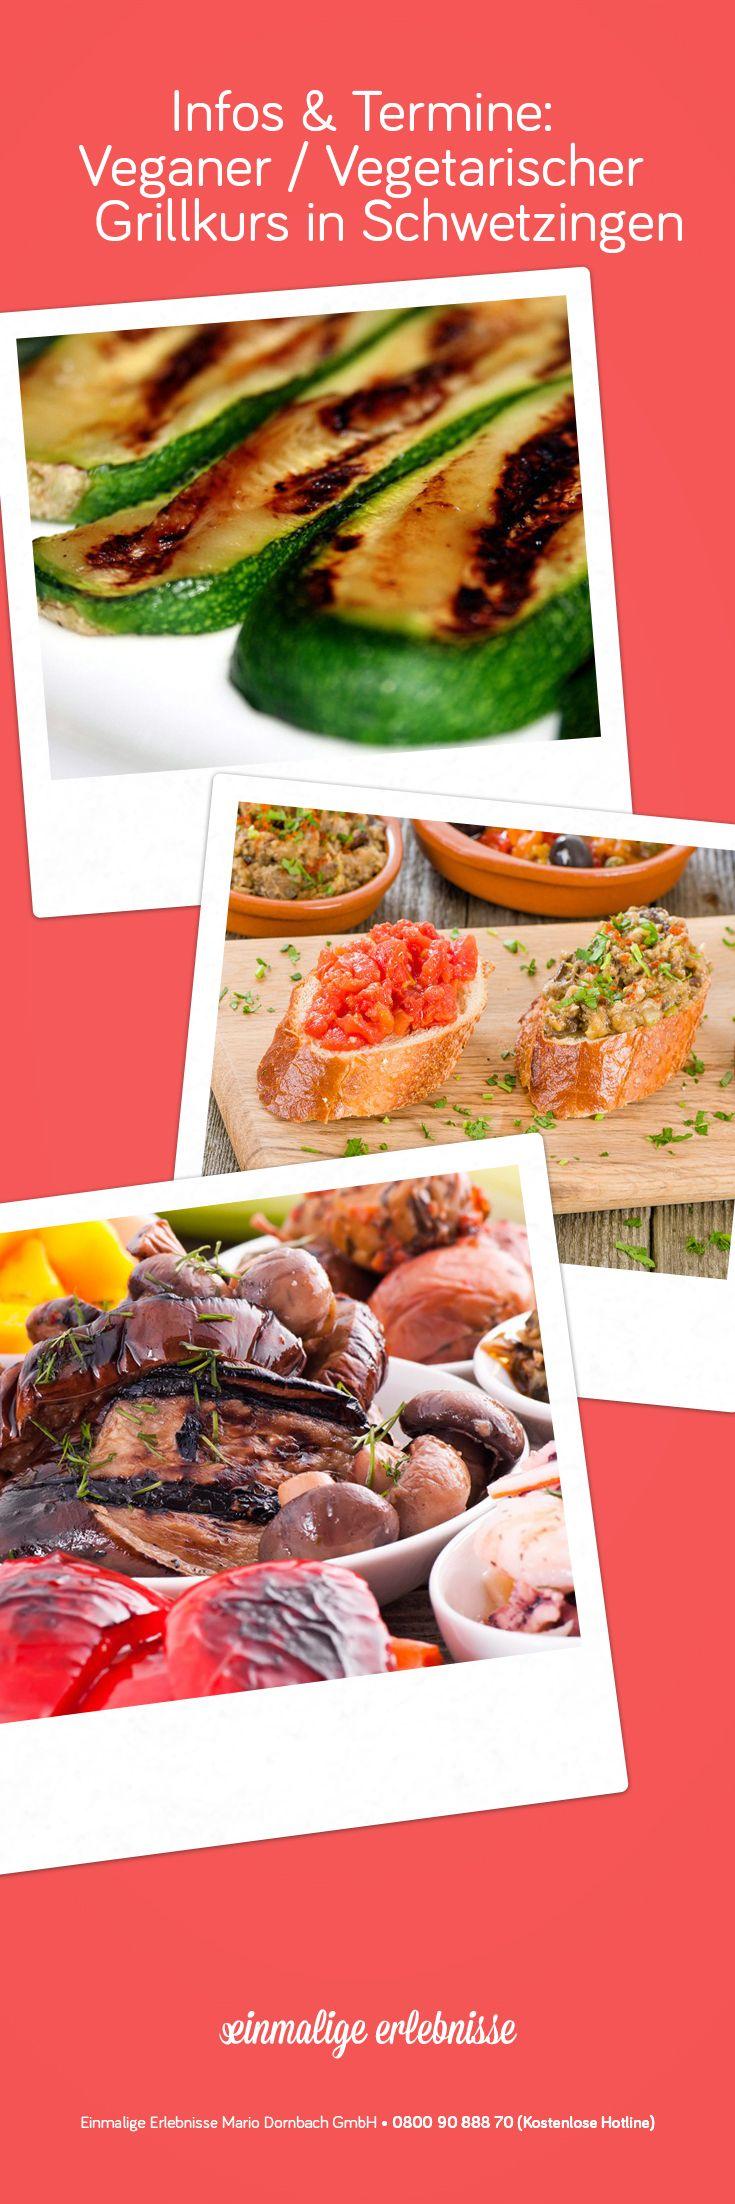 Veganer / Vegetarischer Grillkurs in Schwetzingen #Rezepte #grillen #Kochkurs